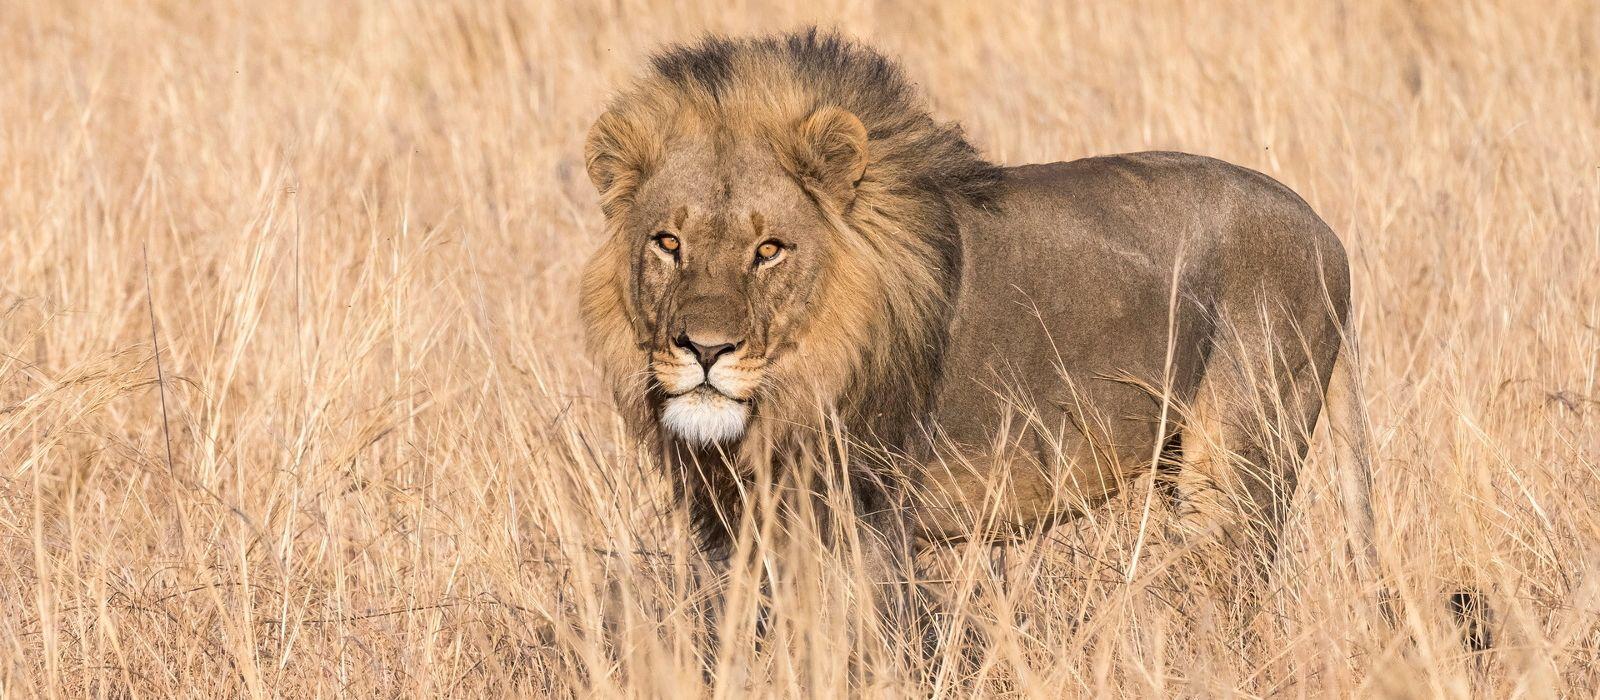 Südafrika, Simbabwe & Botswana: Magische Wasserwelten & Abenteuer Rovos Rail Urlaub 2